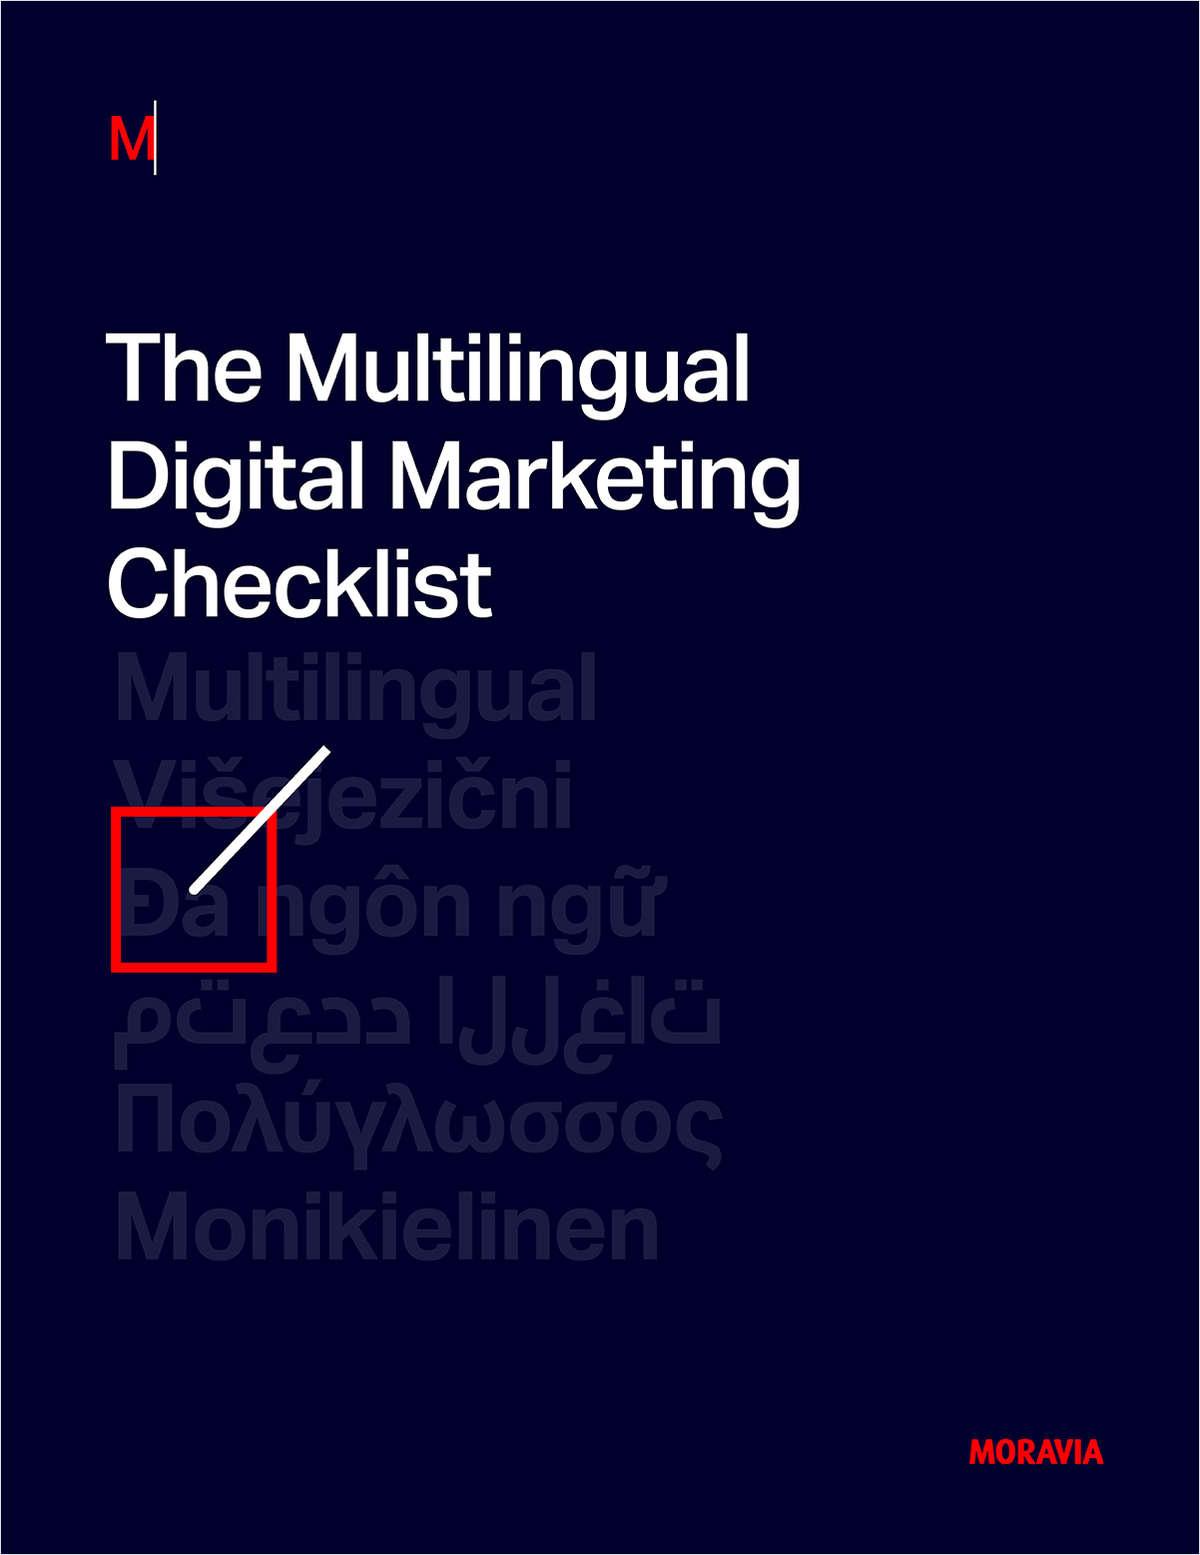 The Multilingual Digital Marketing Checklist